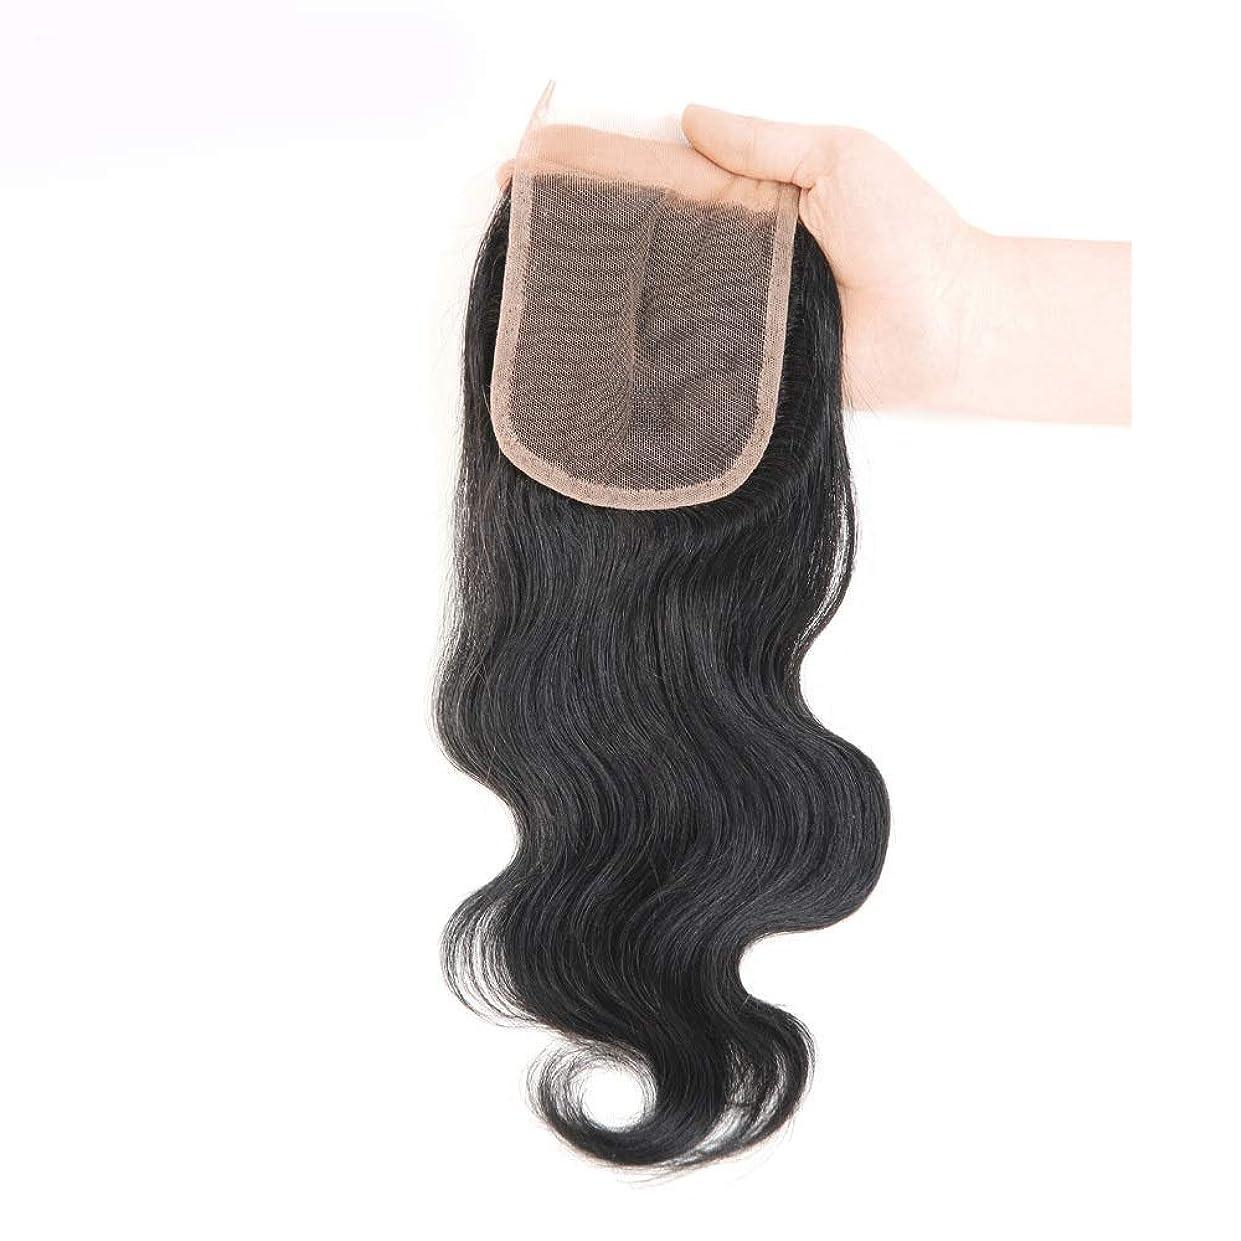 おもてなし周辺動WASAIO 自然の人間の毛髪のブラジルの実体波の閉鎖 (色 : 黒, サイズ : 18 inch)